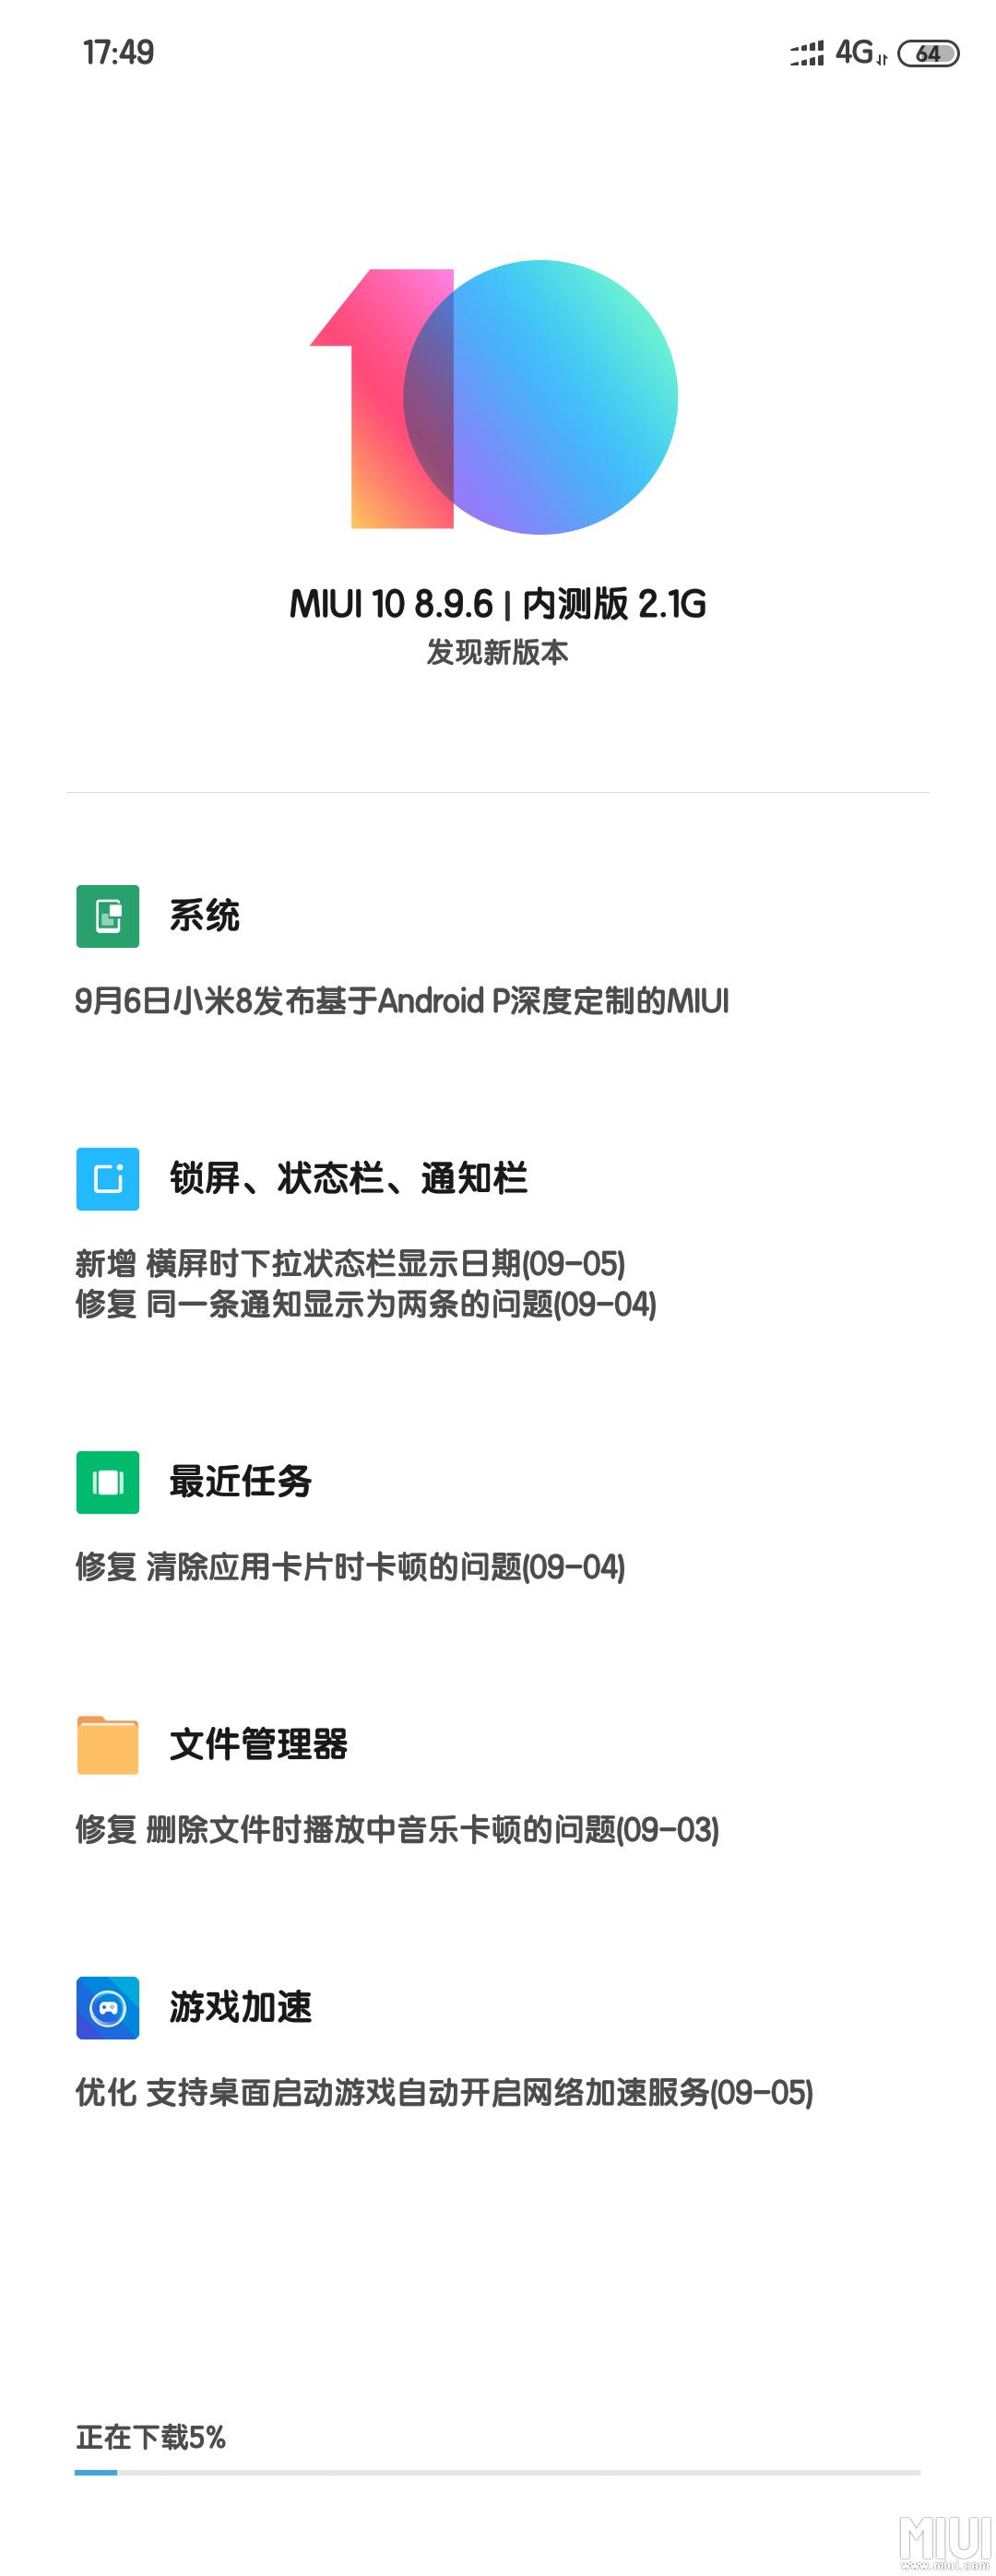 小米8升级全新MIUI 10!基于Android 9.0